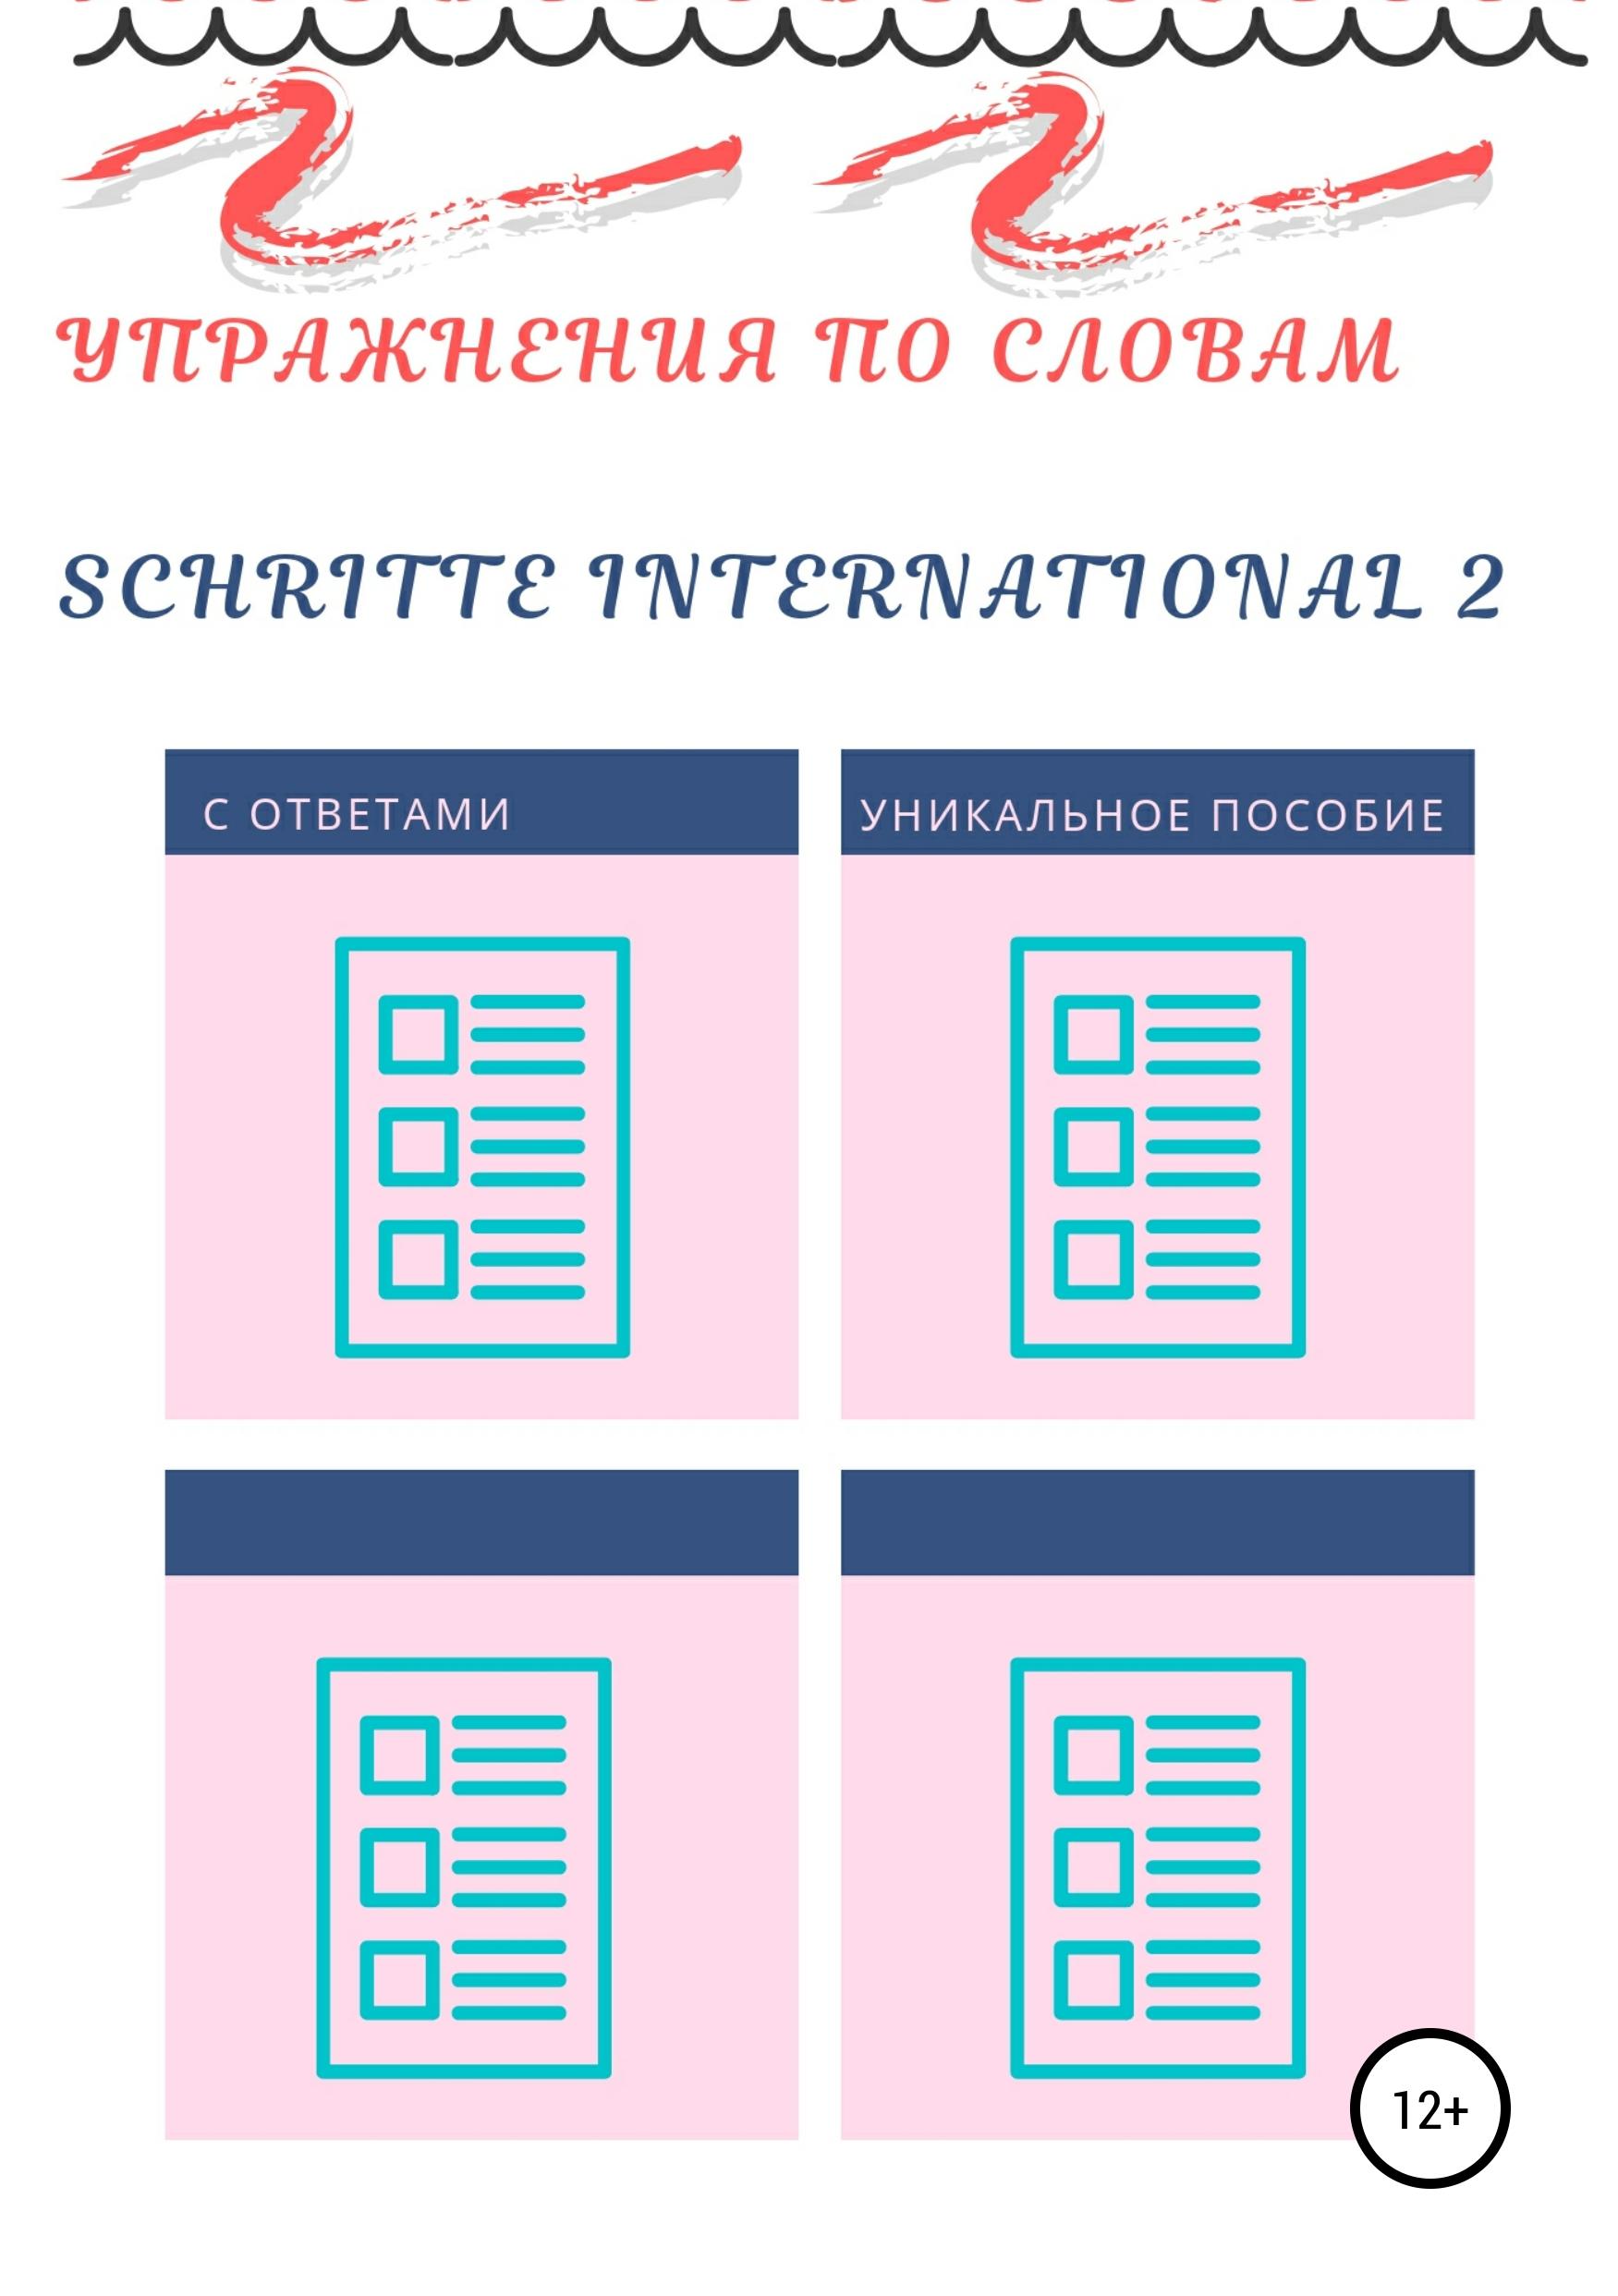 Упражнения по словам Schritte international 2